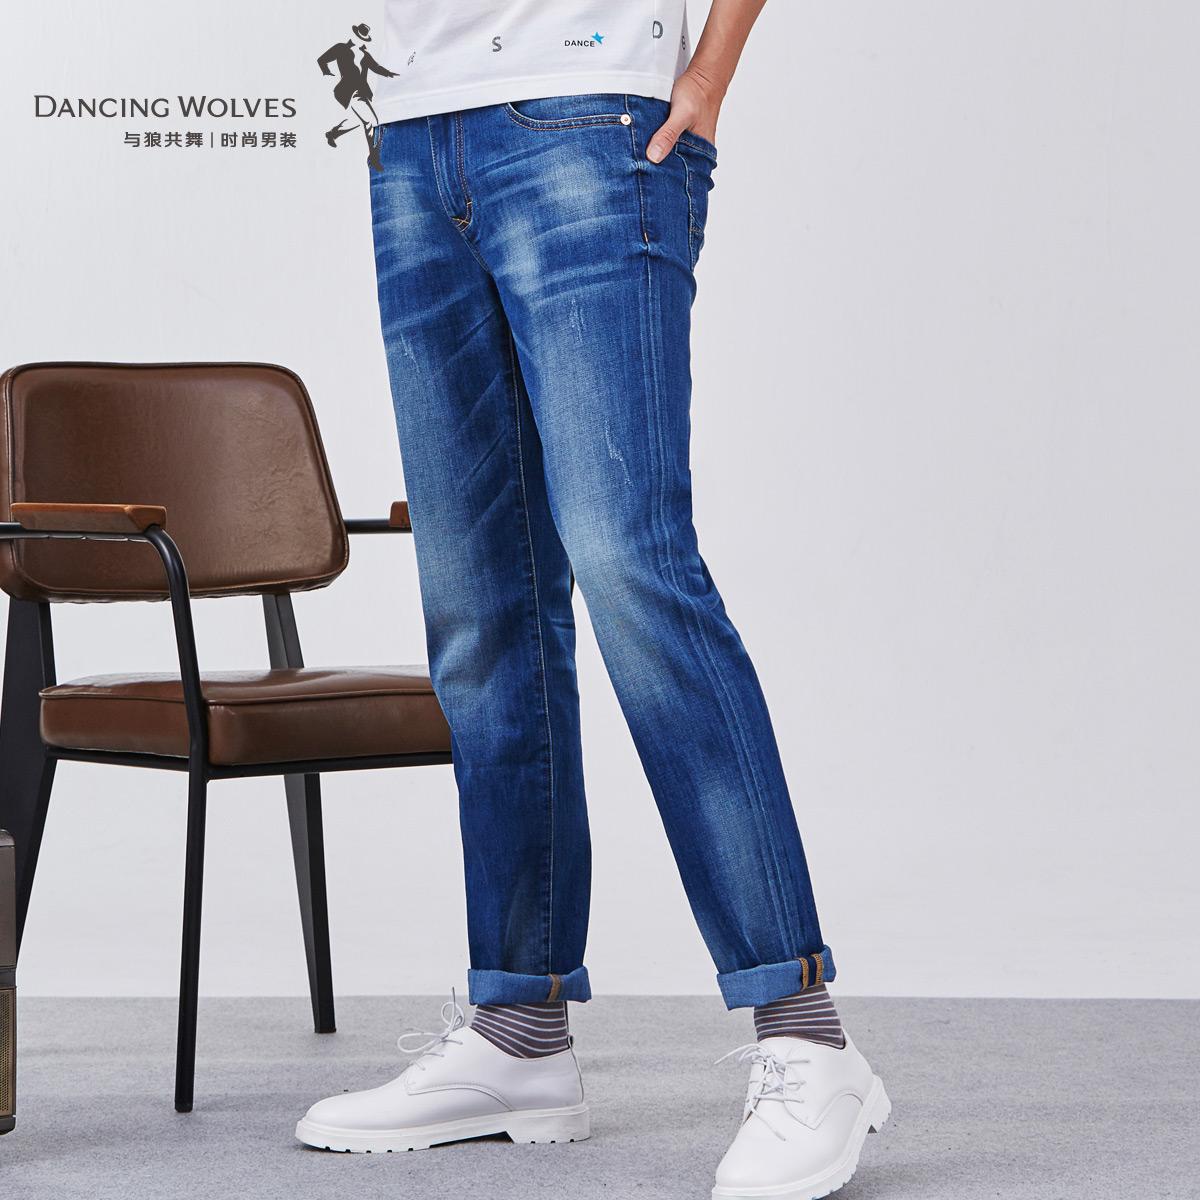 与狼共舞牛仔裤长裤冬季新款男装修身水洗蓝色潮流直筒男士裤子